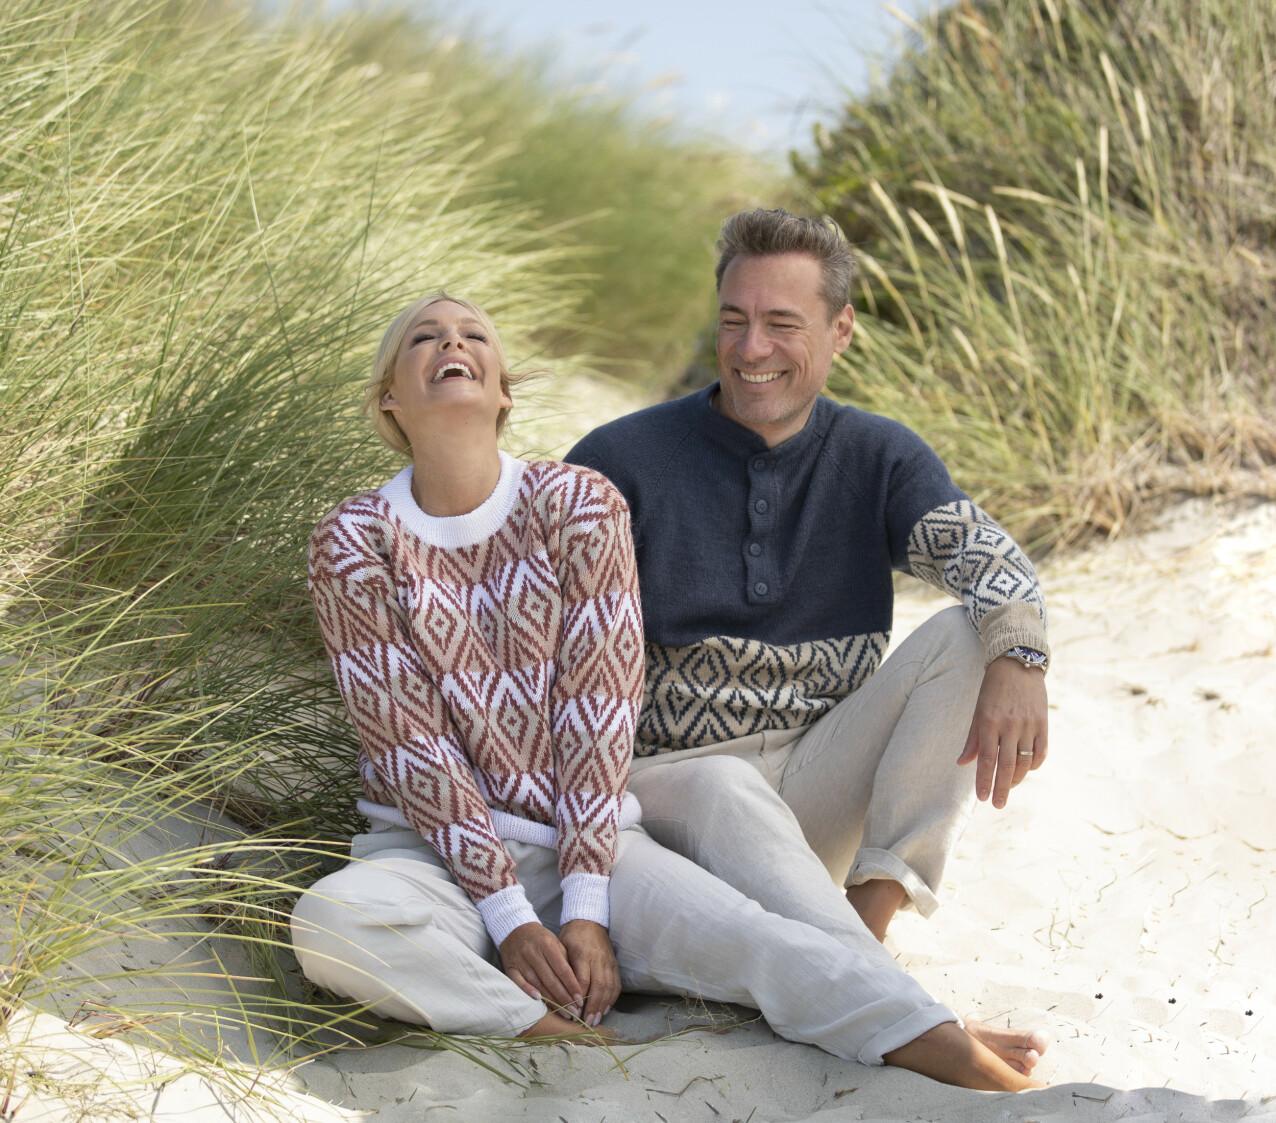 KJÆRLIGHET: Kathrine og Andreas sier til KK at de ikke er fremmede for å fornye ekteskapsløftene. Her på Solastranden i Stavanger. FOTO: Arild Hjelm / Studio Hjelm